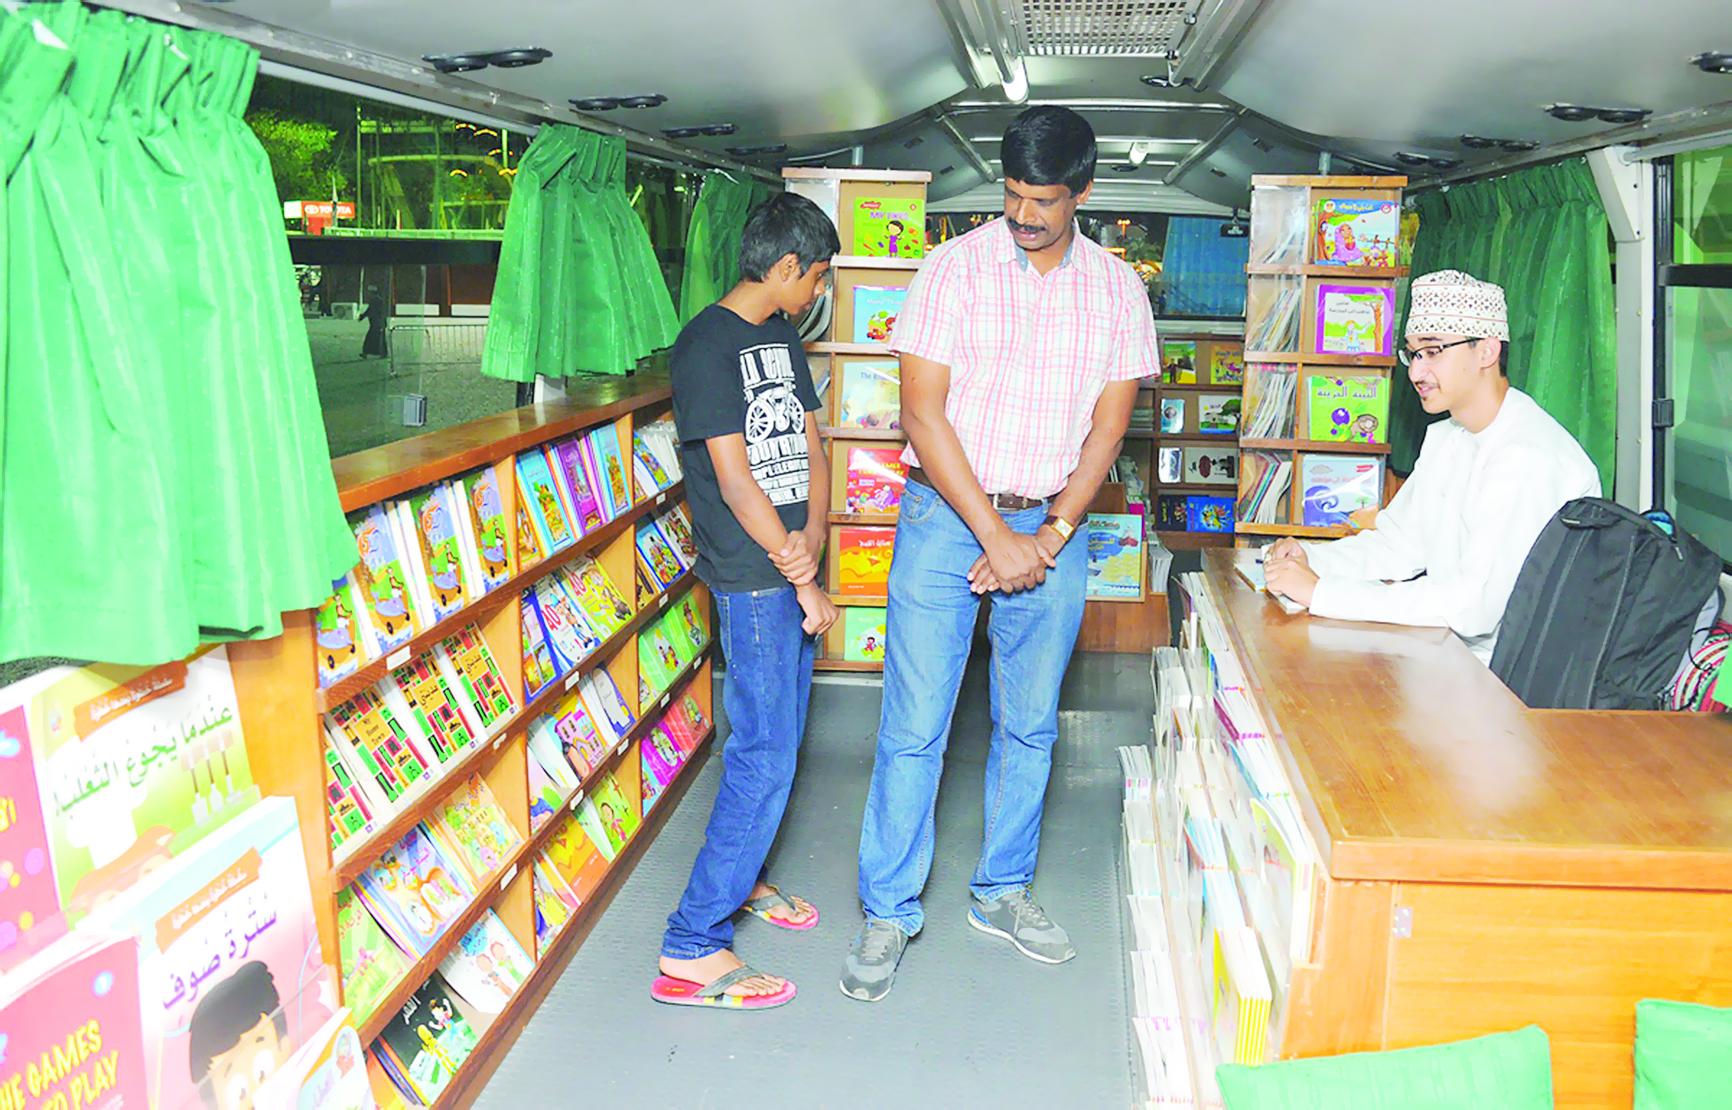 المكتبة المتنقلة لدار العطاء تستقر في متنزه النسيم